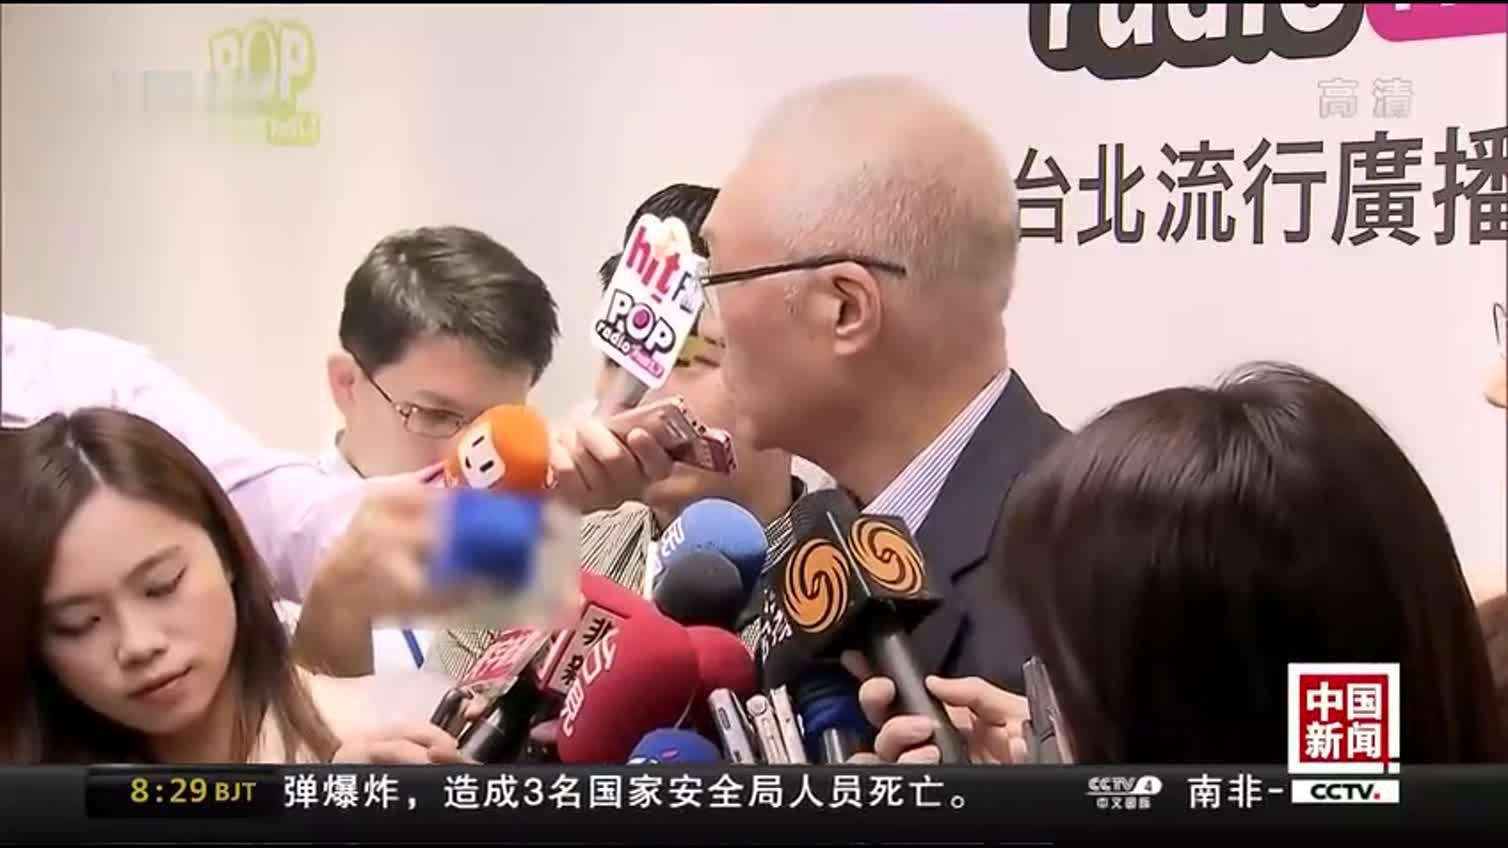 不因郭台铭参选而改变 吴敦义称将征召韩国瑜参加党内初选